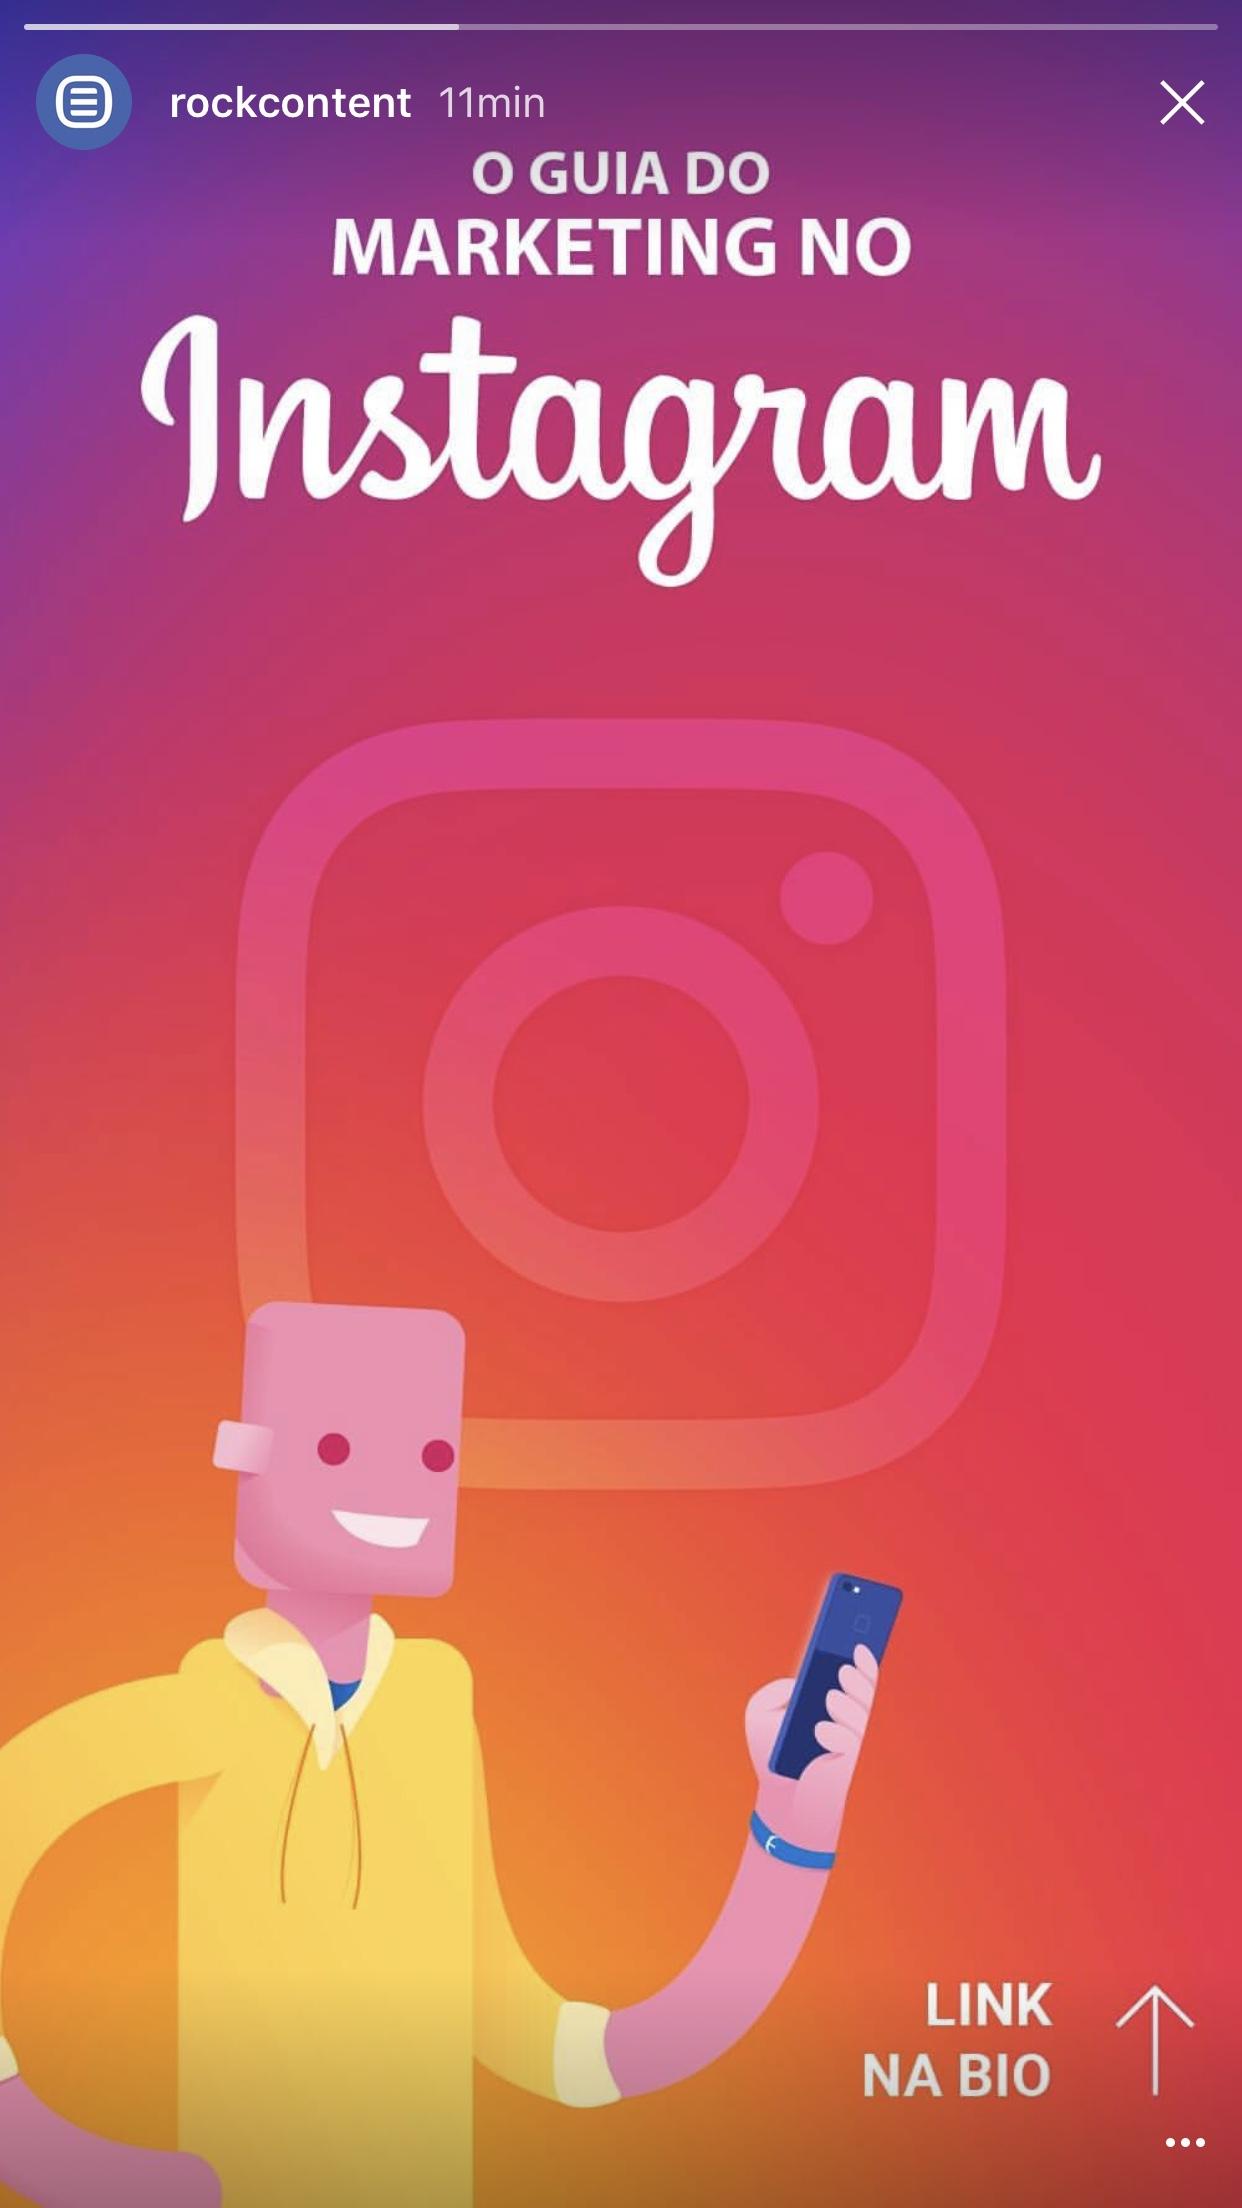 Instagram Stories e Publicações no Facebook